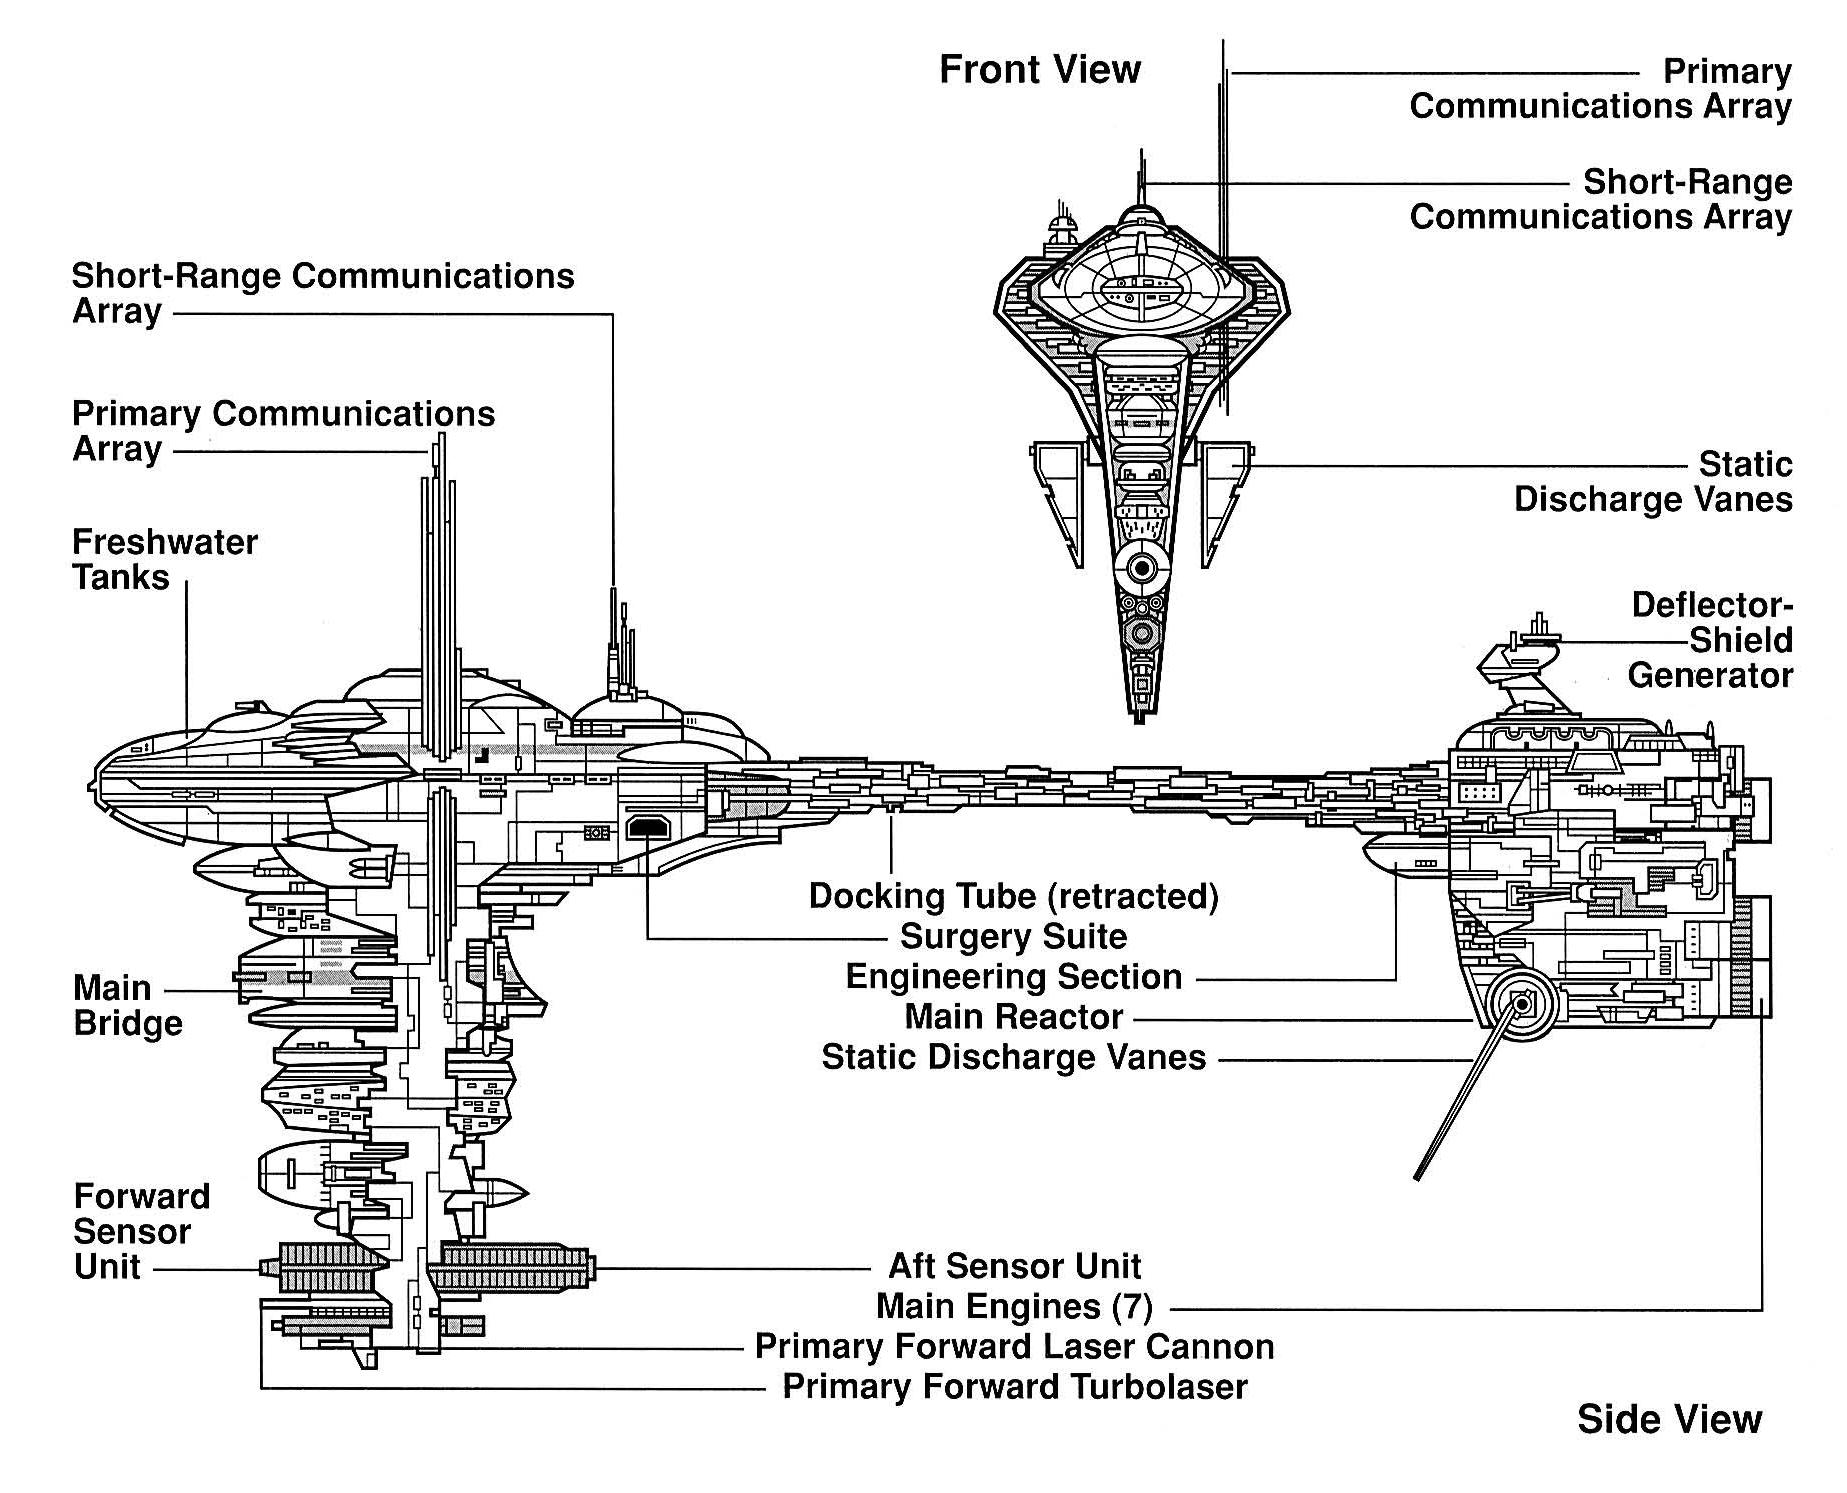 Star Wars Armada Tactics